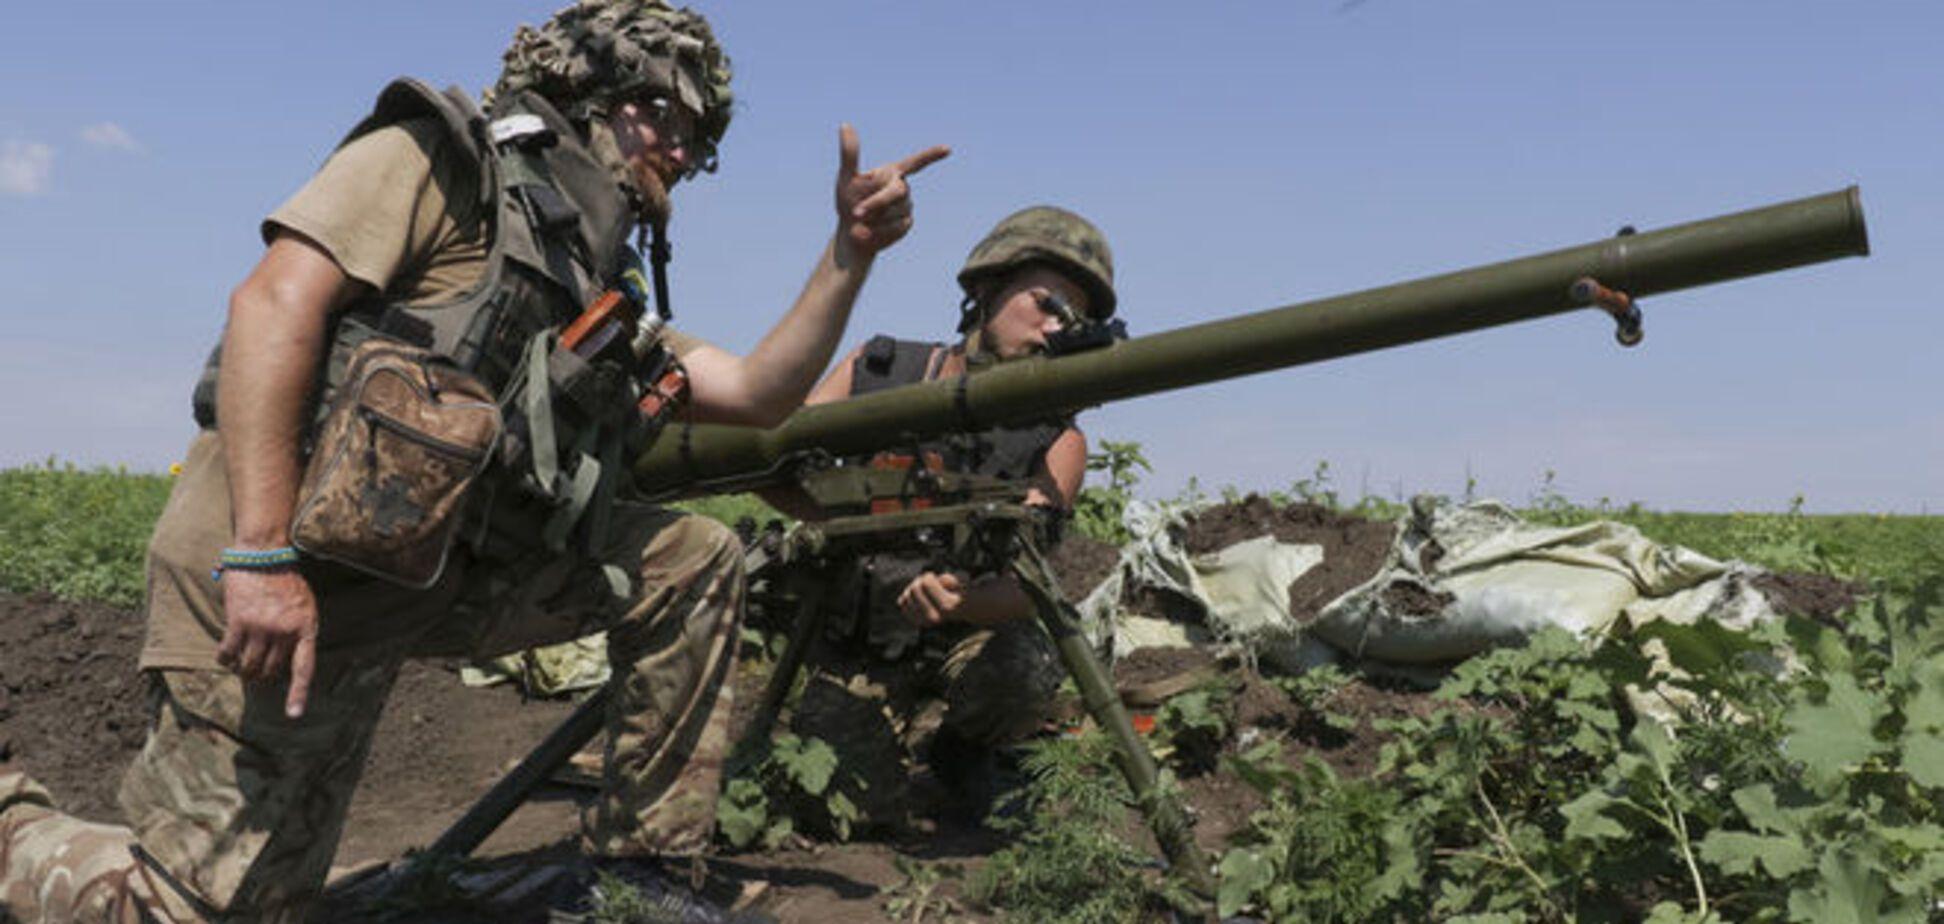 У Лаврова требуют вывести из Широкино силы АТО